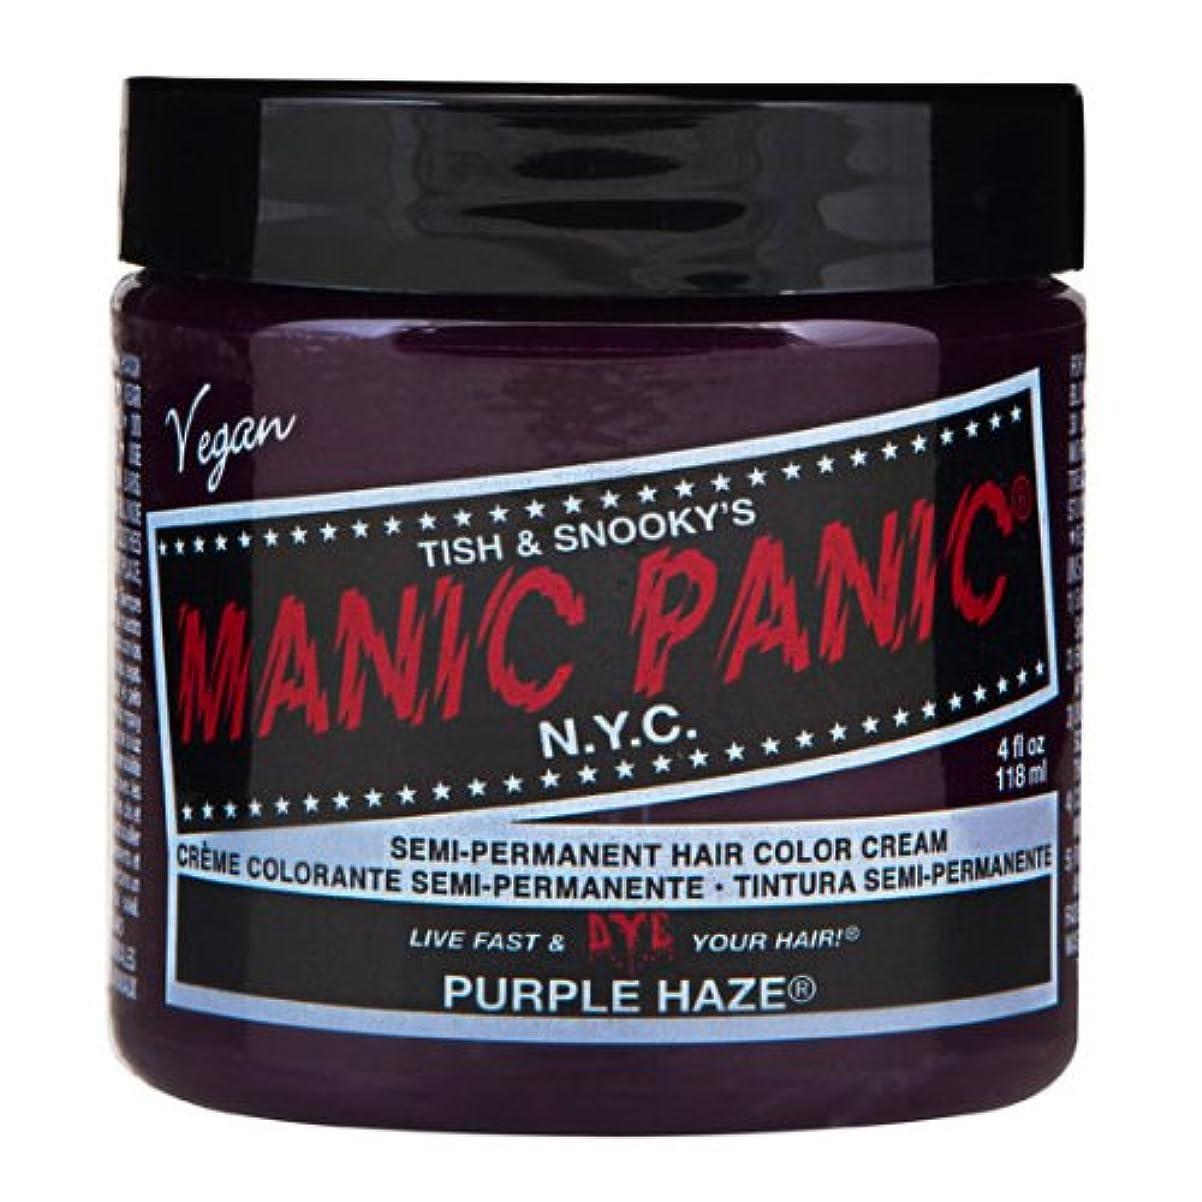 ウイルスわずかに香りスペシャルセットMANIC PANICマニックパニック:Purple Haze (パープル?ヘイズ)+ヘアカラーケア4点セット